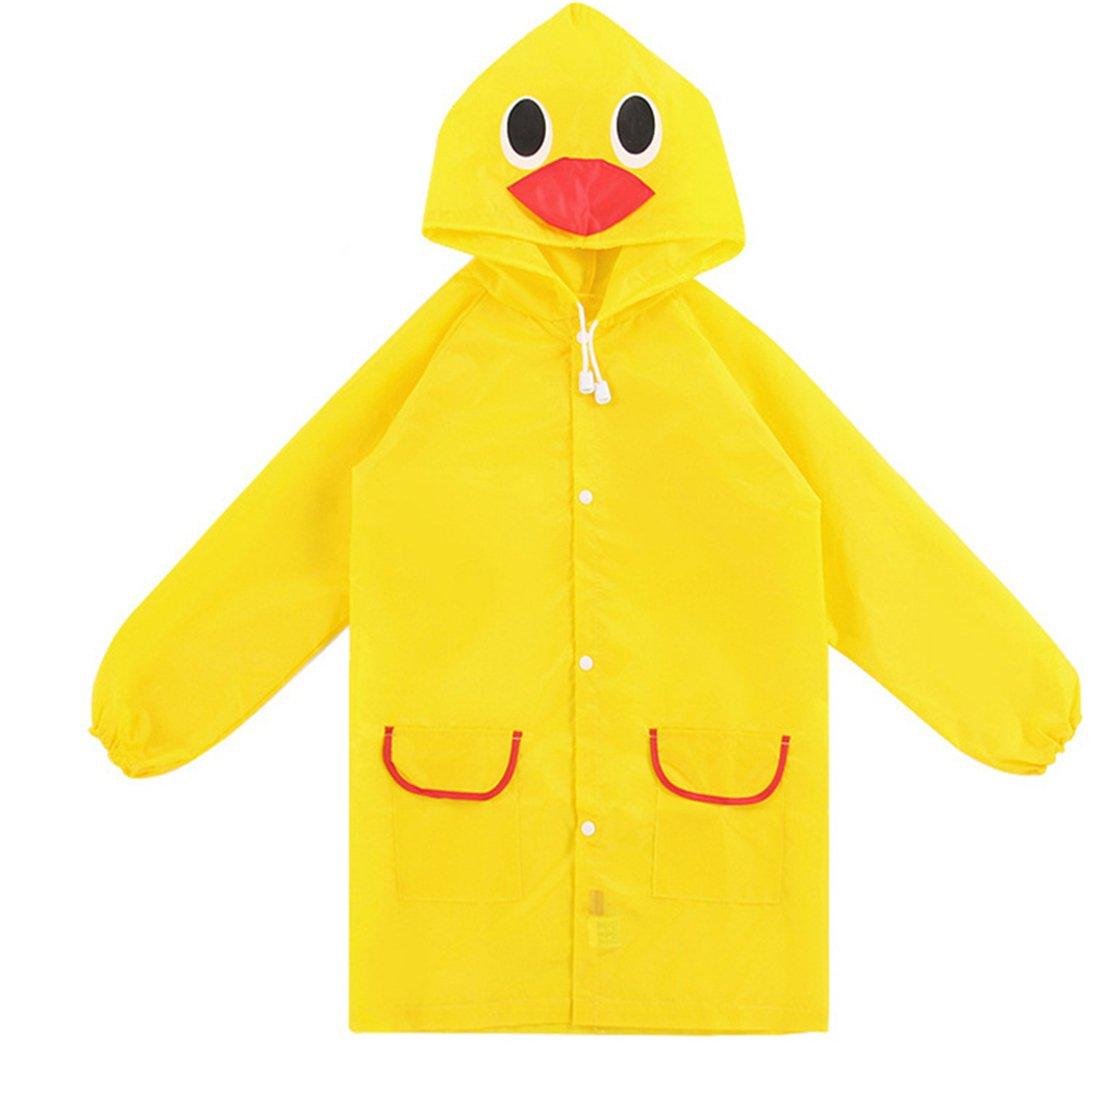 Aelegant Unisex Kinder Jungen/mädchen süße Cartoon Form Regenmantel Wasserdicht Regenjacke mit Kapuze Softshelljacke Regenponcho Blau Auto)